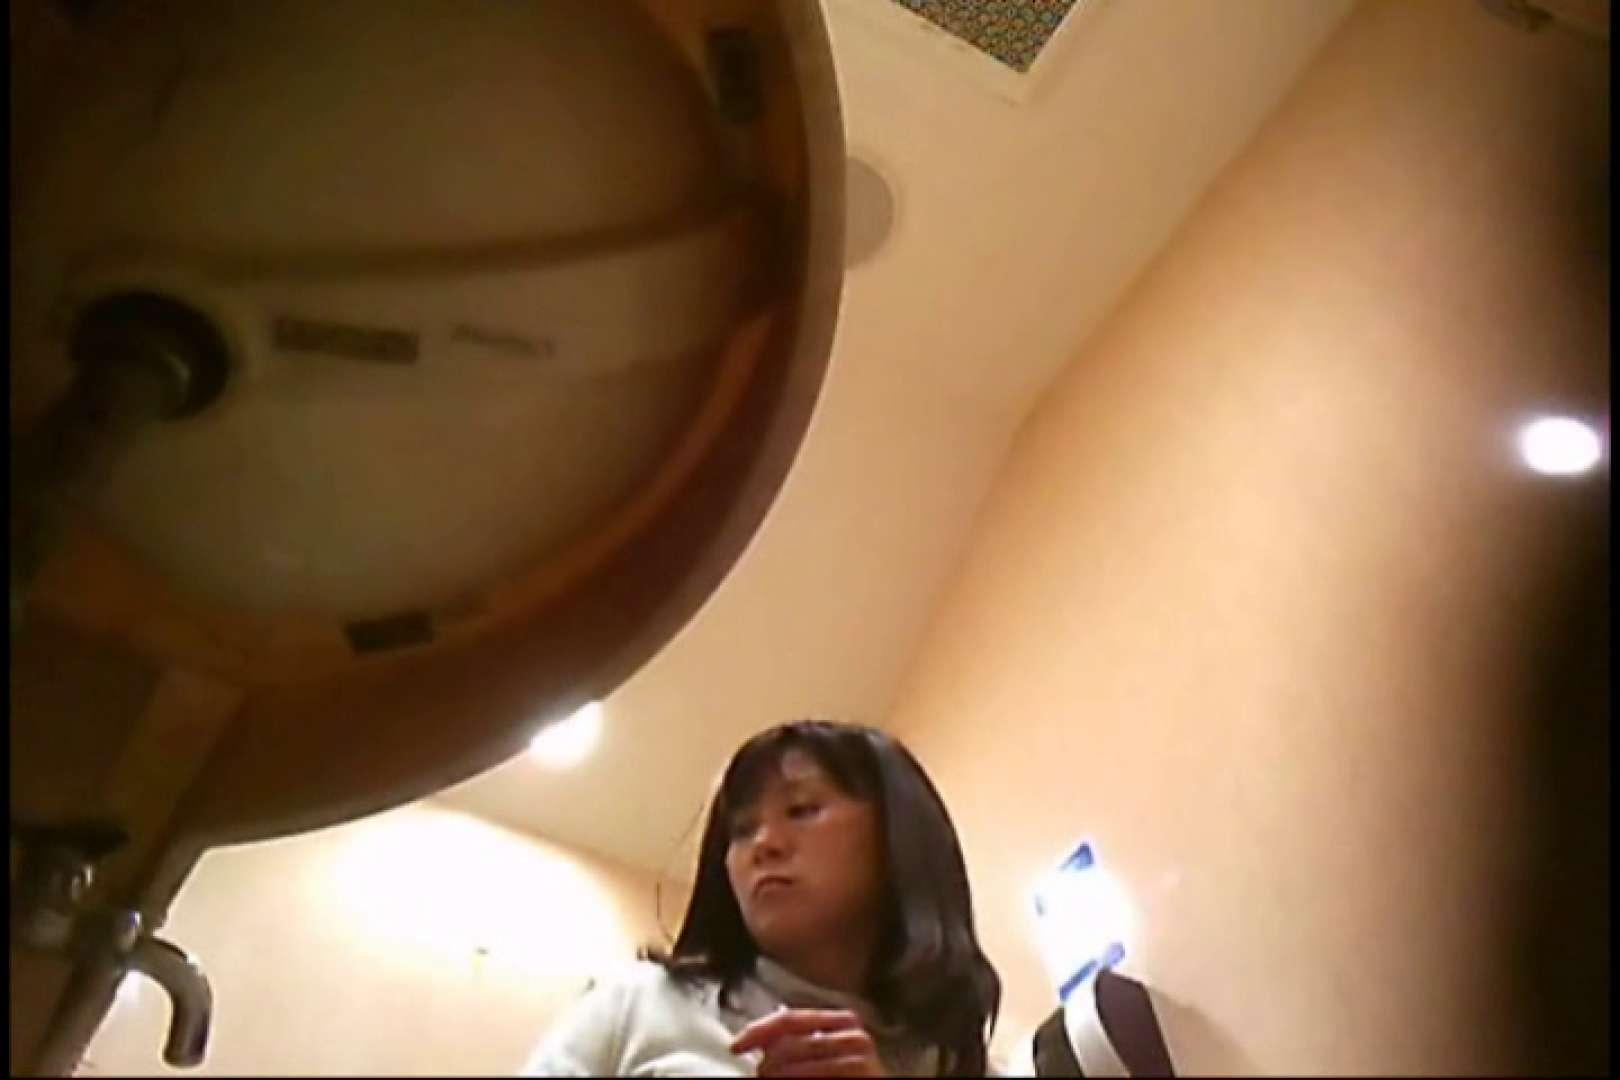 画質向上!新亀さん厠 vol.16 厠 盗撮ヌード画像 57PICs 40